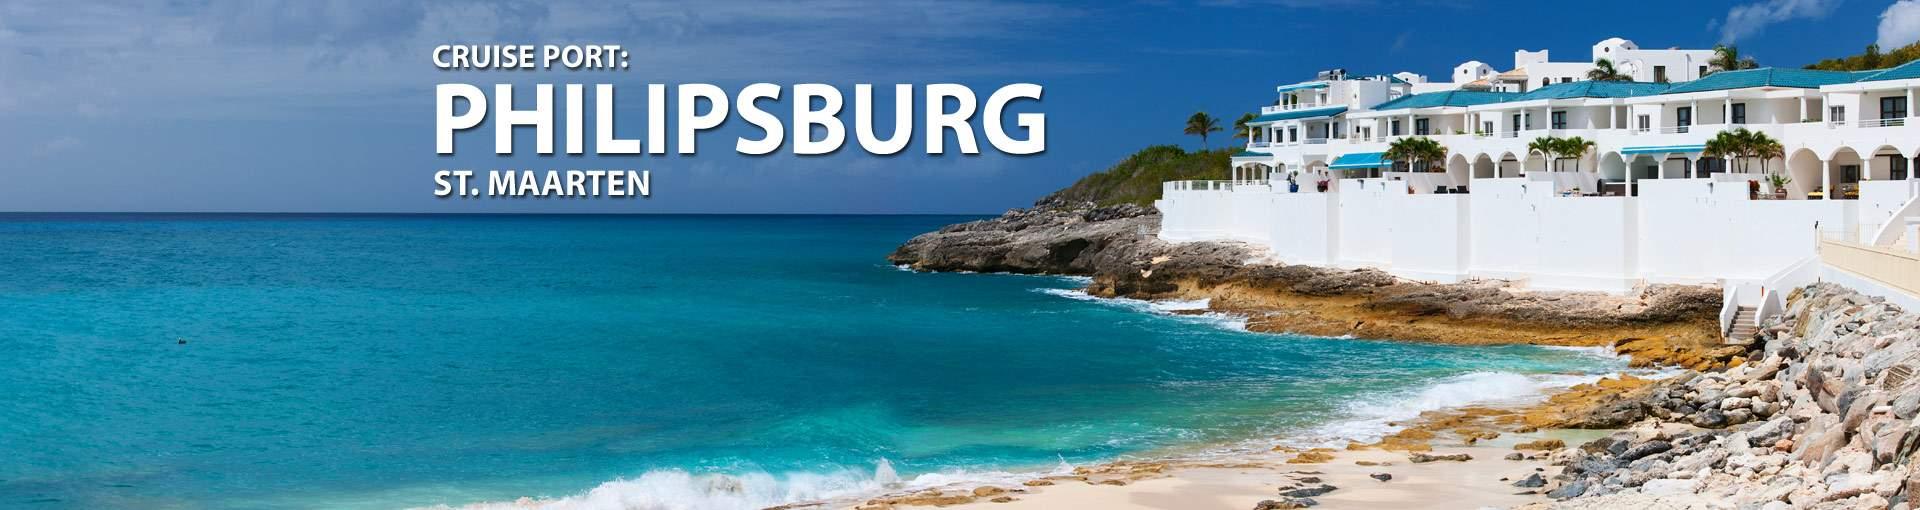 Cruises from St. Maarten, Netherlands Antilles